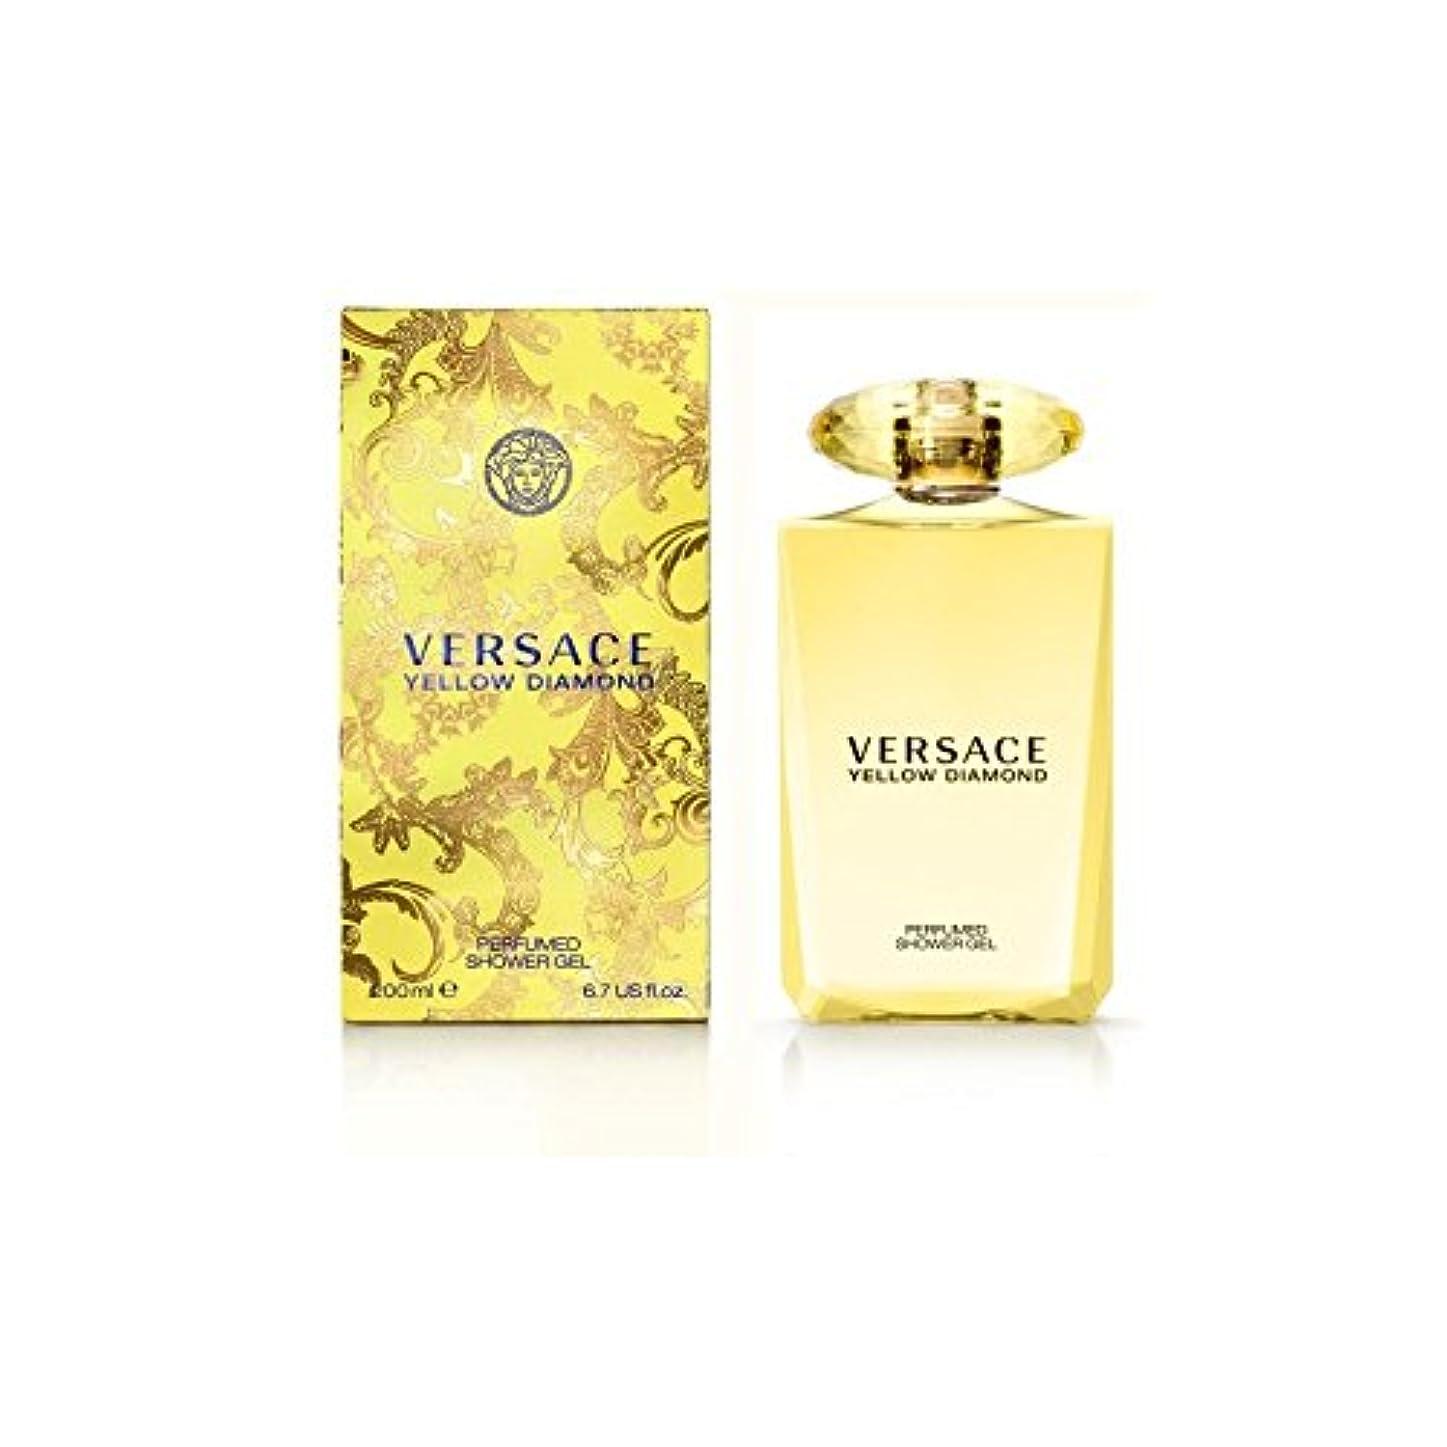 永久インク可聴ヴェルサーチ黄色のダイヤモンドバス&シャワージェル200 x2 - Versace Yellow Diamond Bath & Shower Gel 200ml (Pack of 2) [並行輸入品]